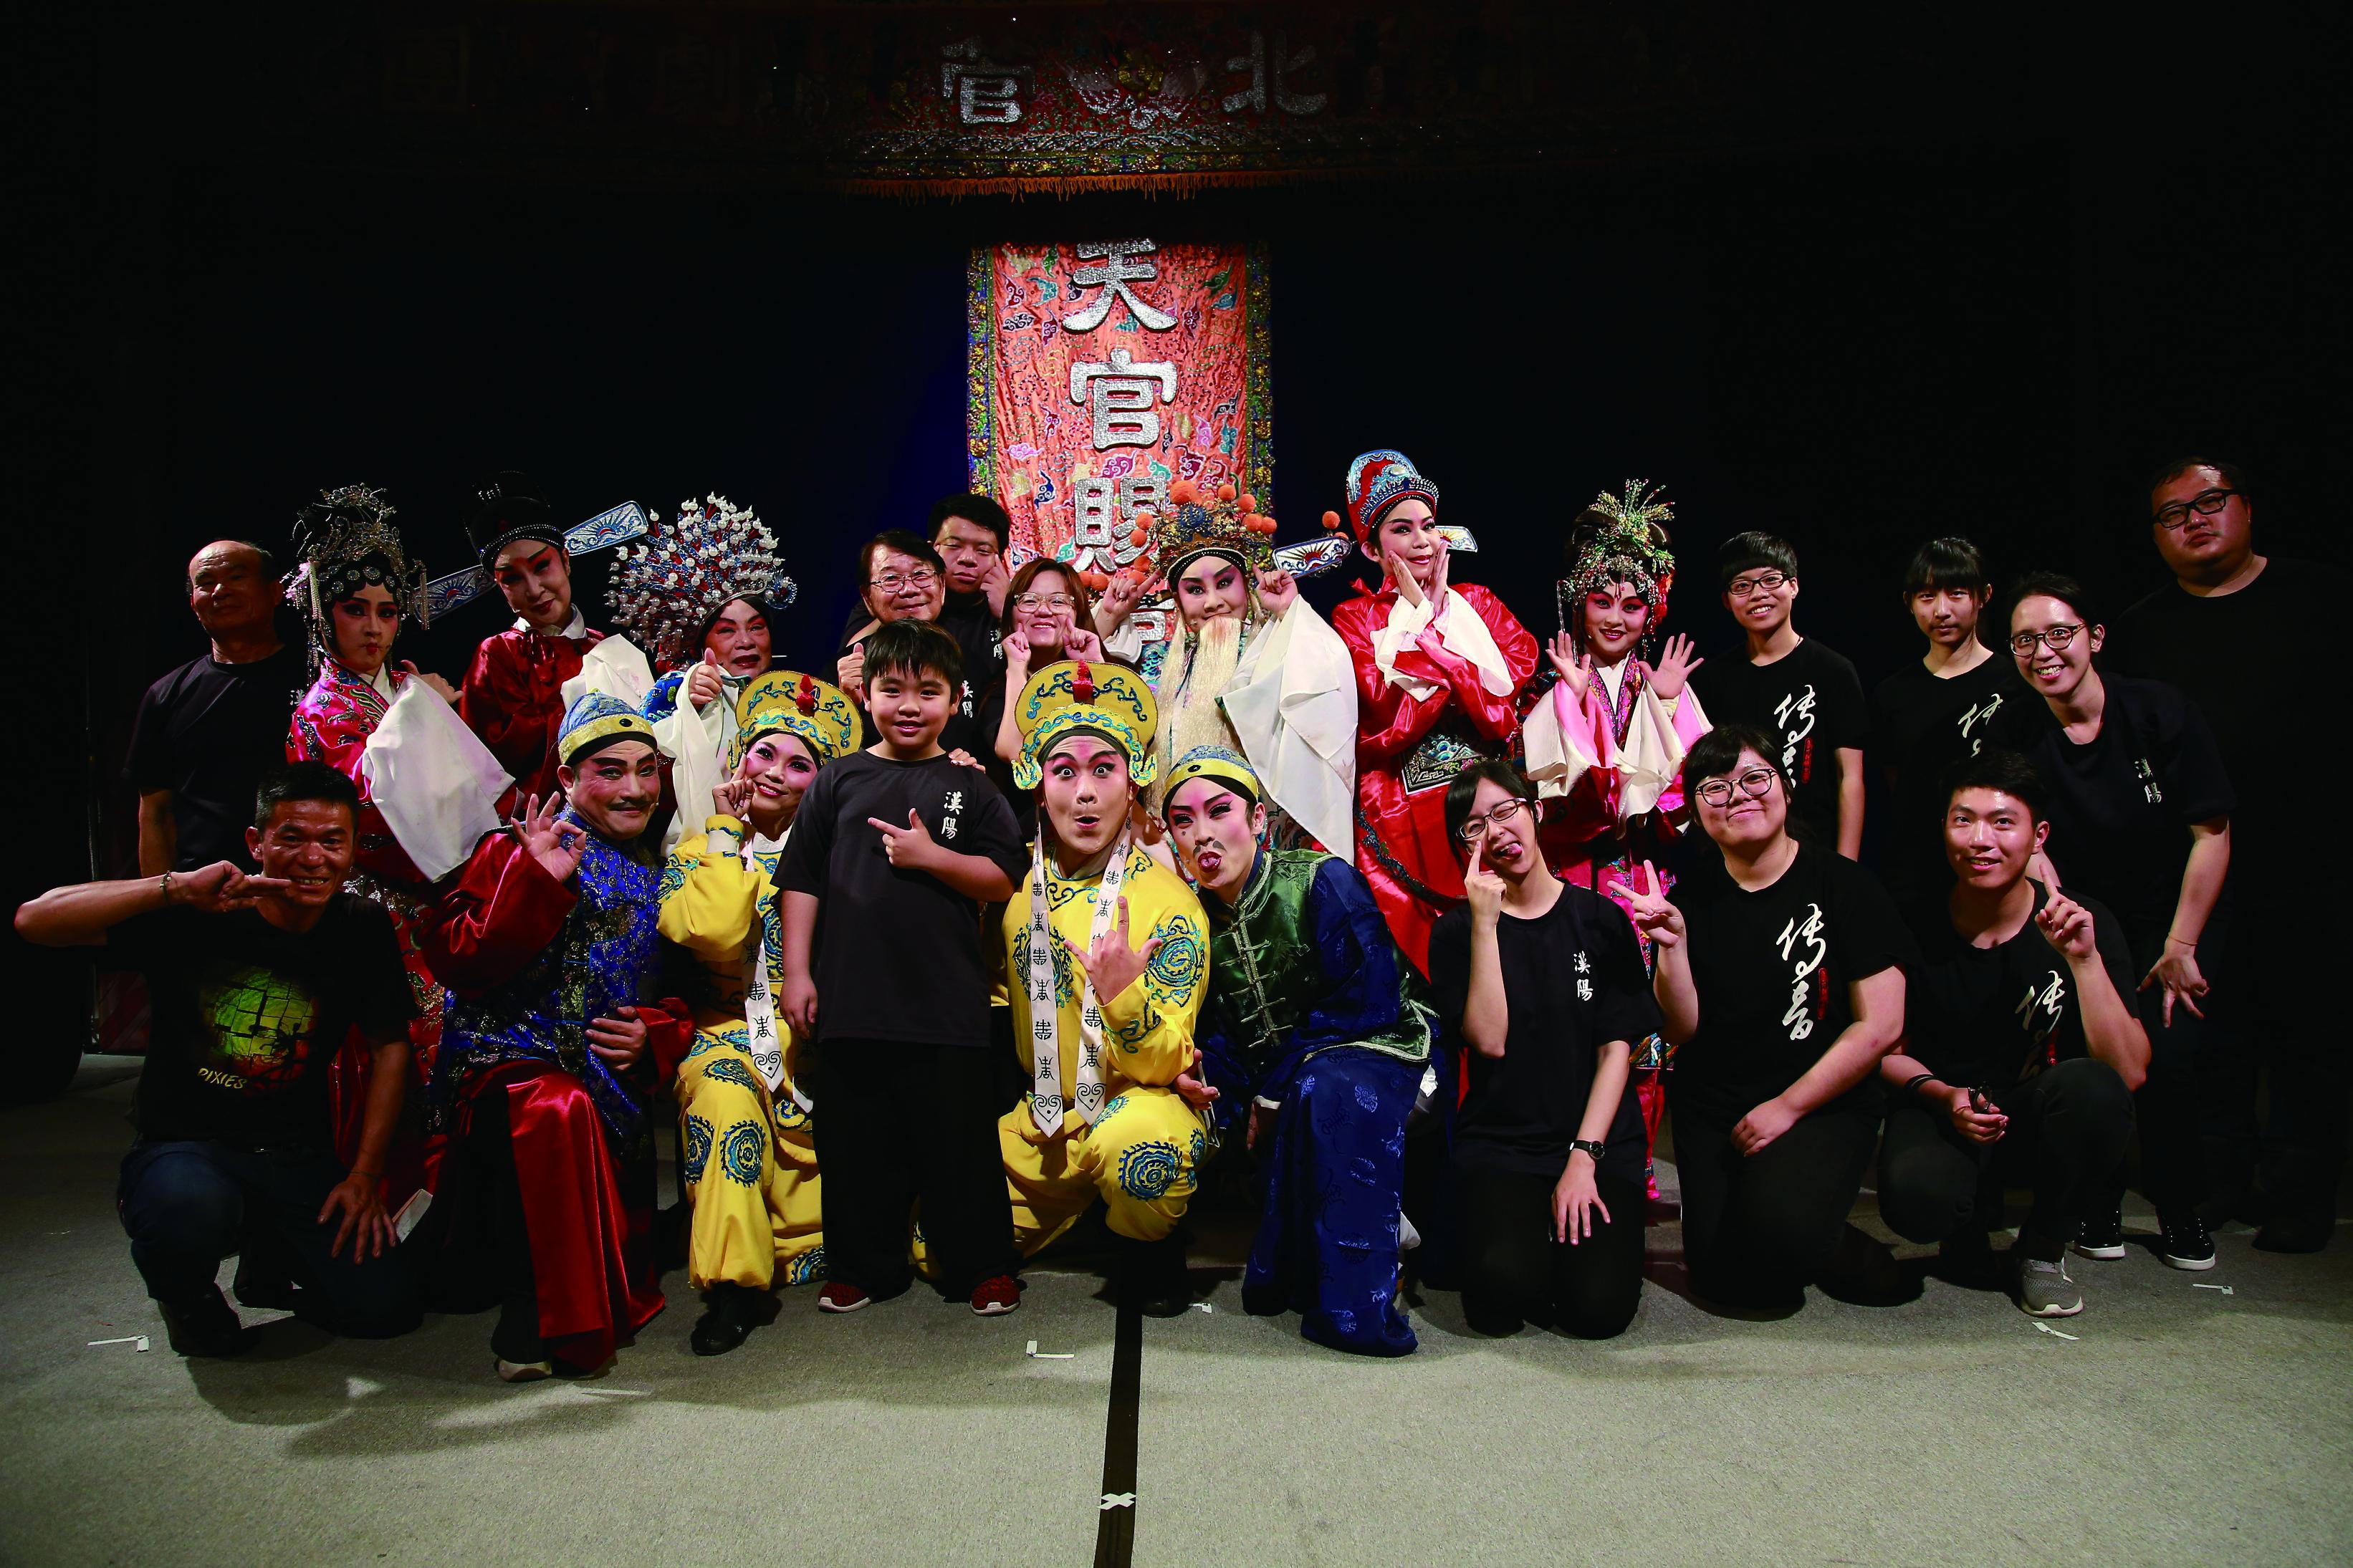 圖4現在的漢陽北管劇團,已經逐漸成為一個具有深厚情味的大家庭。(漢陽北管劇團提供).jpg